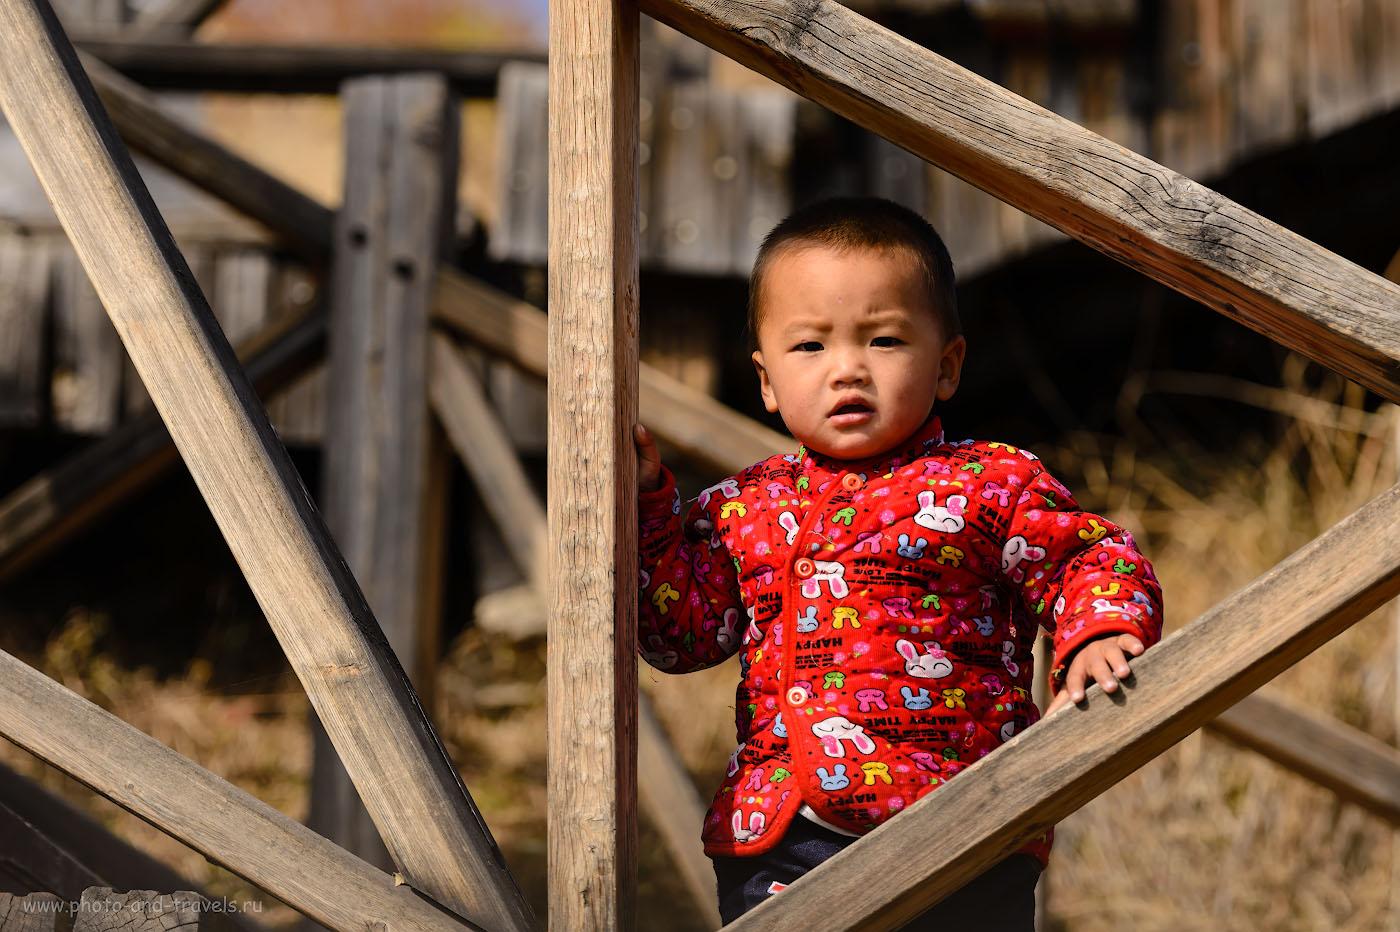 Фотография 32. Когда этому китайскому мальчугану исполнится 23 года, он будет богаче вашего сына минимум в 30 раз. 1/500, -0.33, 2.8, 100, 125.